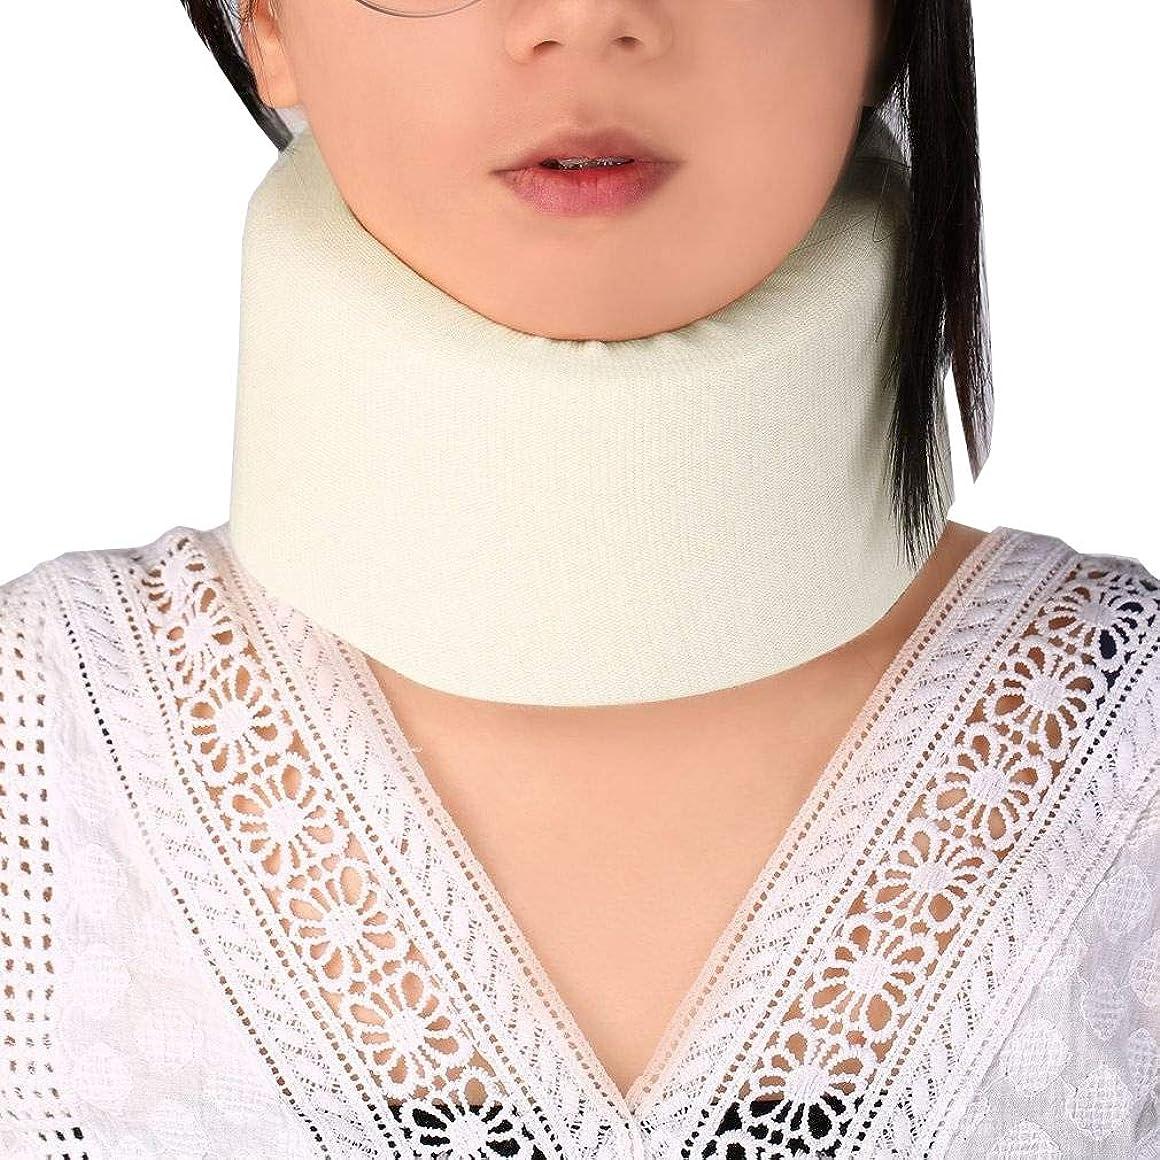 抵当ミリメーターホーンOral Dentistry 首 サポーター ソフト 頸椎 首こり ソフト頸椎カラー 肩の痛みの軽減 着脱 簡単 男女兼用 ホワイト